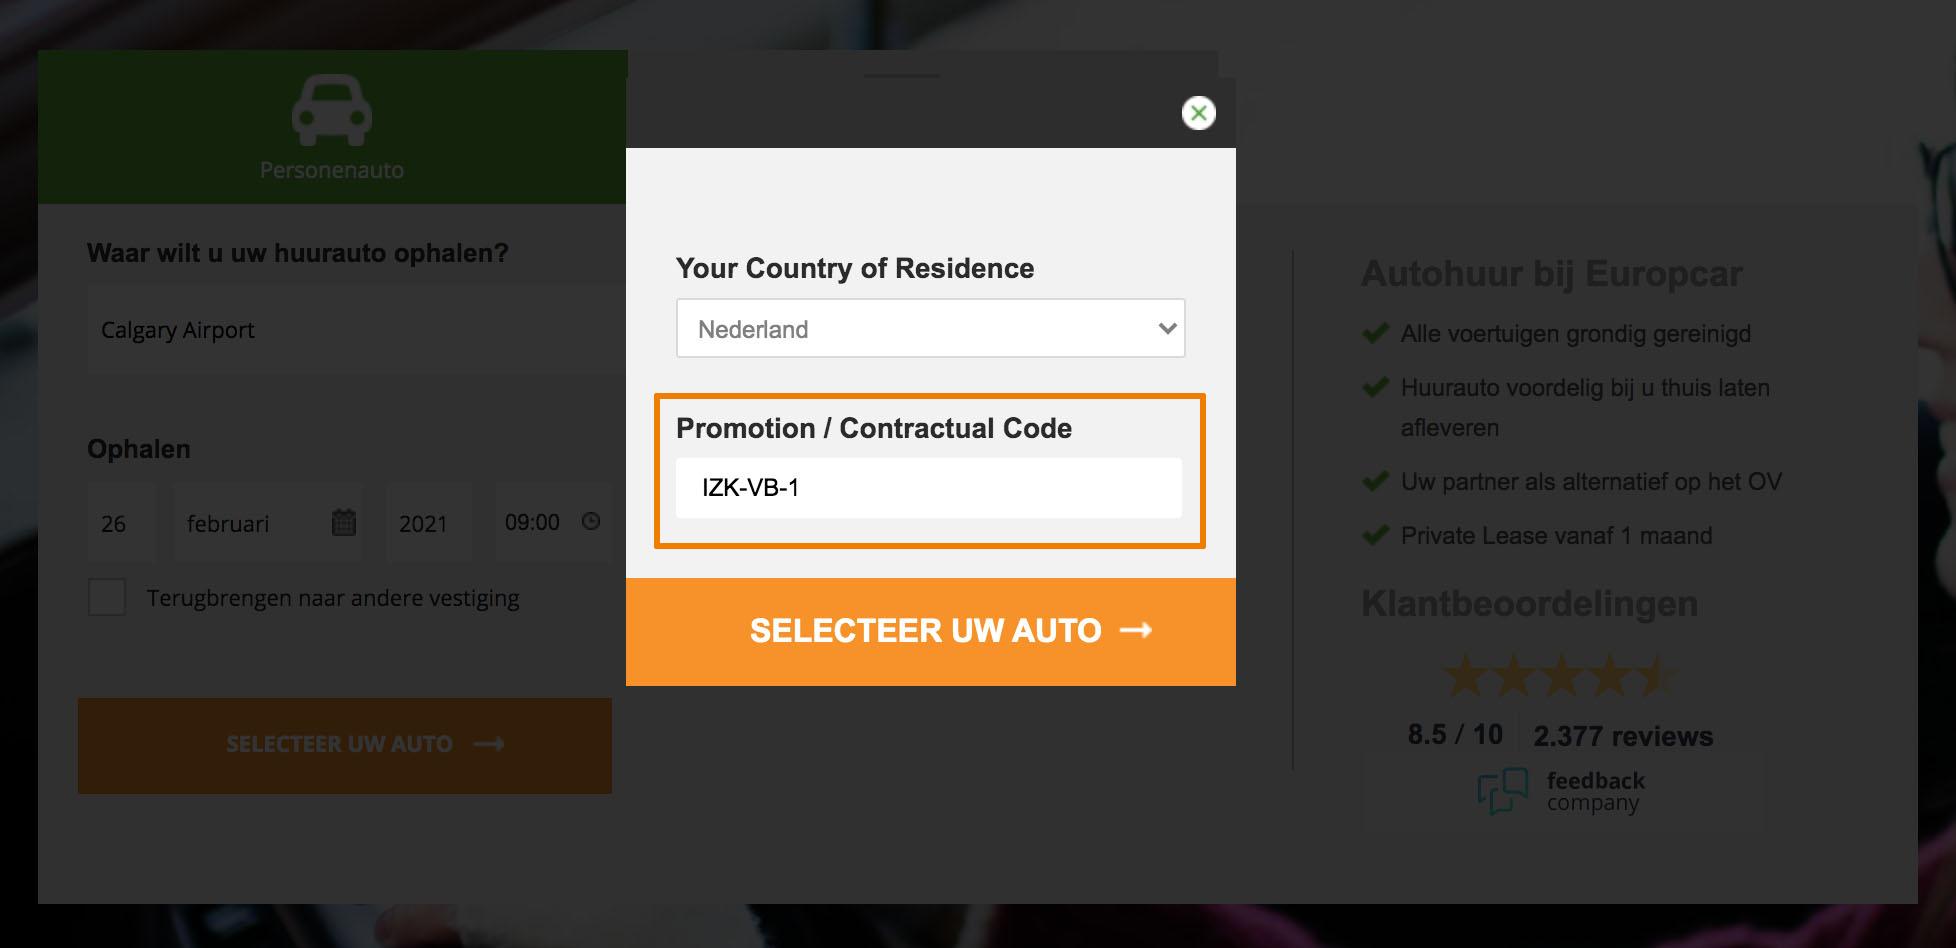 Hoe gebruik je een Europcar aanbieding